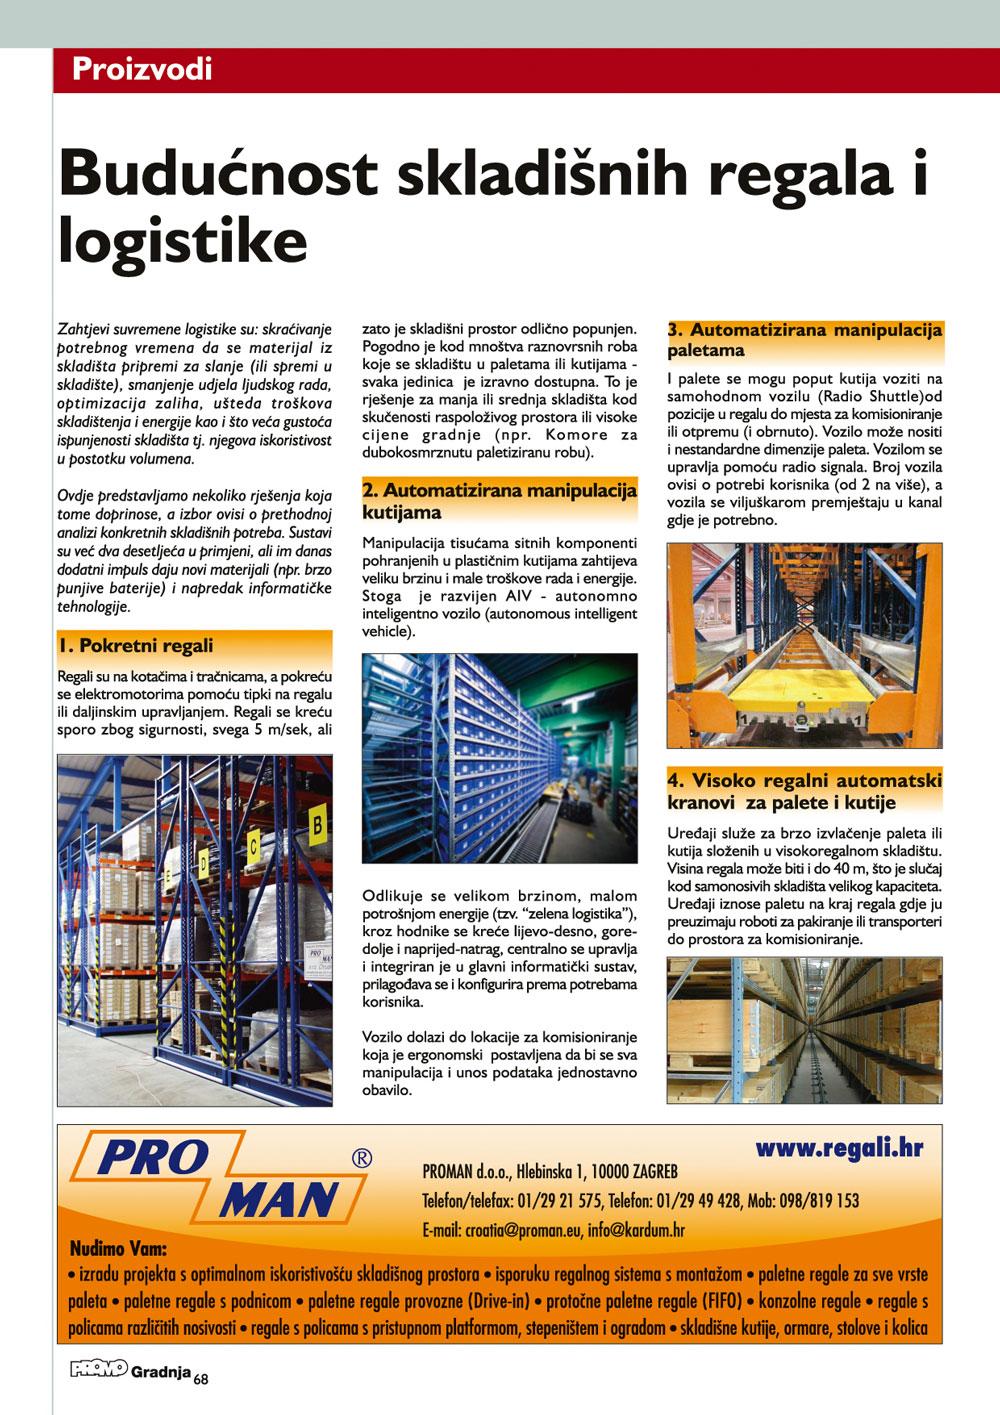 Budućnost skladišnih regala i logistike